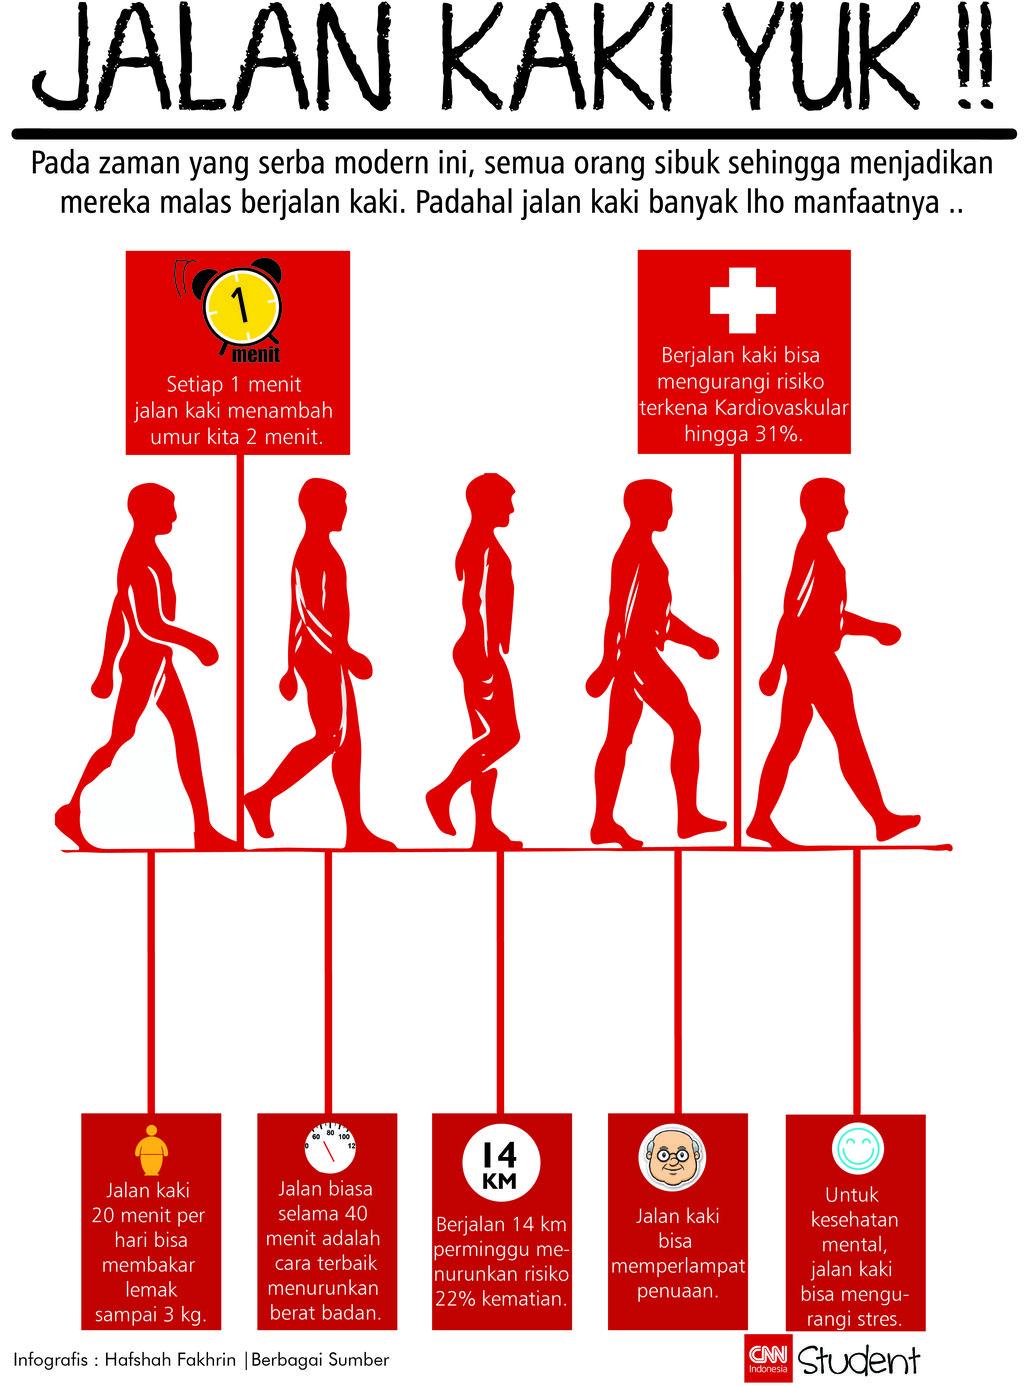 Infografis manfaat jalan kaki